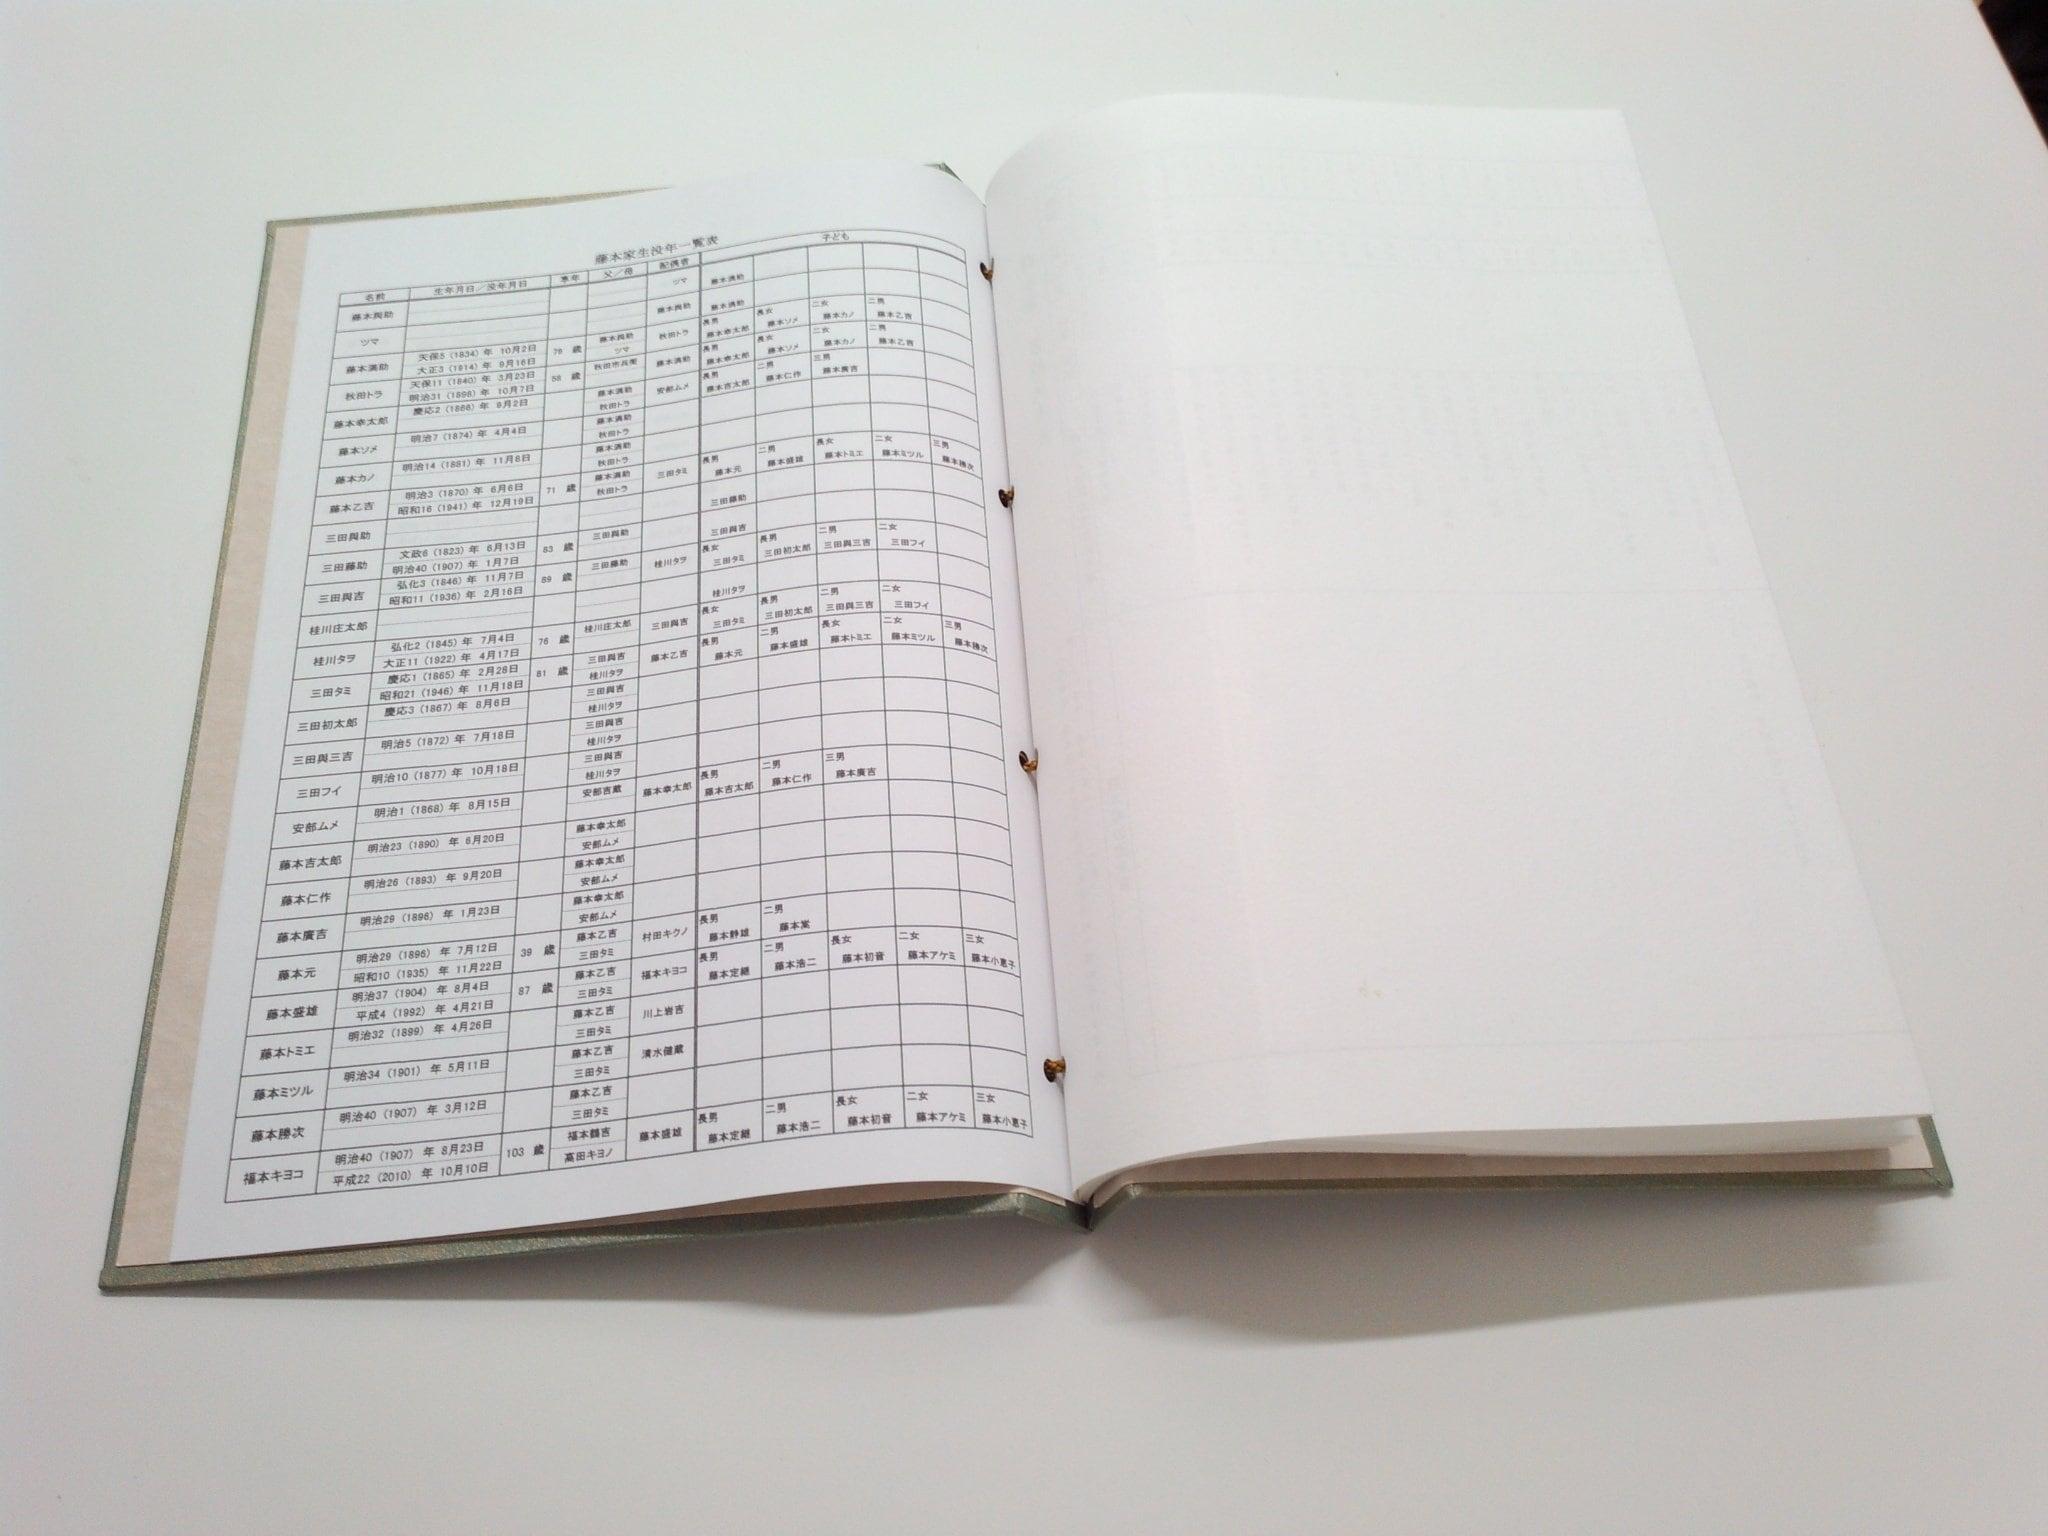 歴史調査士が作る!あなたのルーツをたどる200年本格家系図作成チケット(2系統)のイメージその5